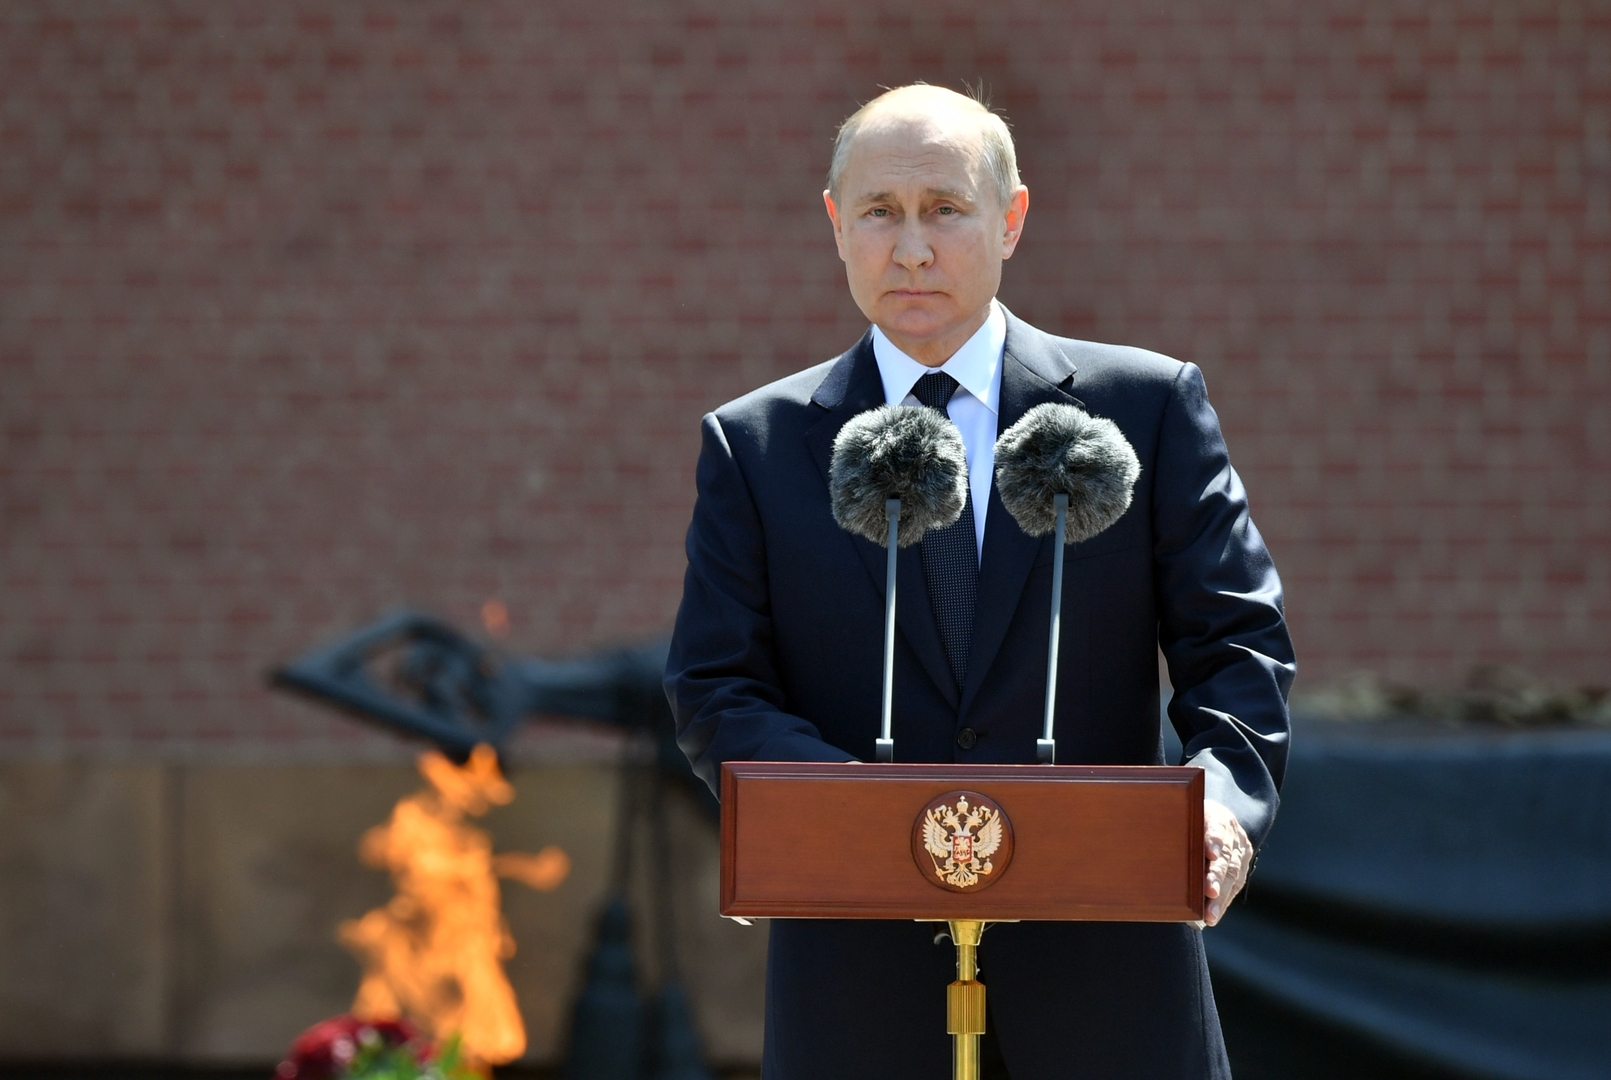 بوتين: سنوات الحرب الرهيبة محفورة في ذاكرة الأجيال